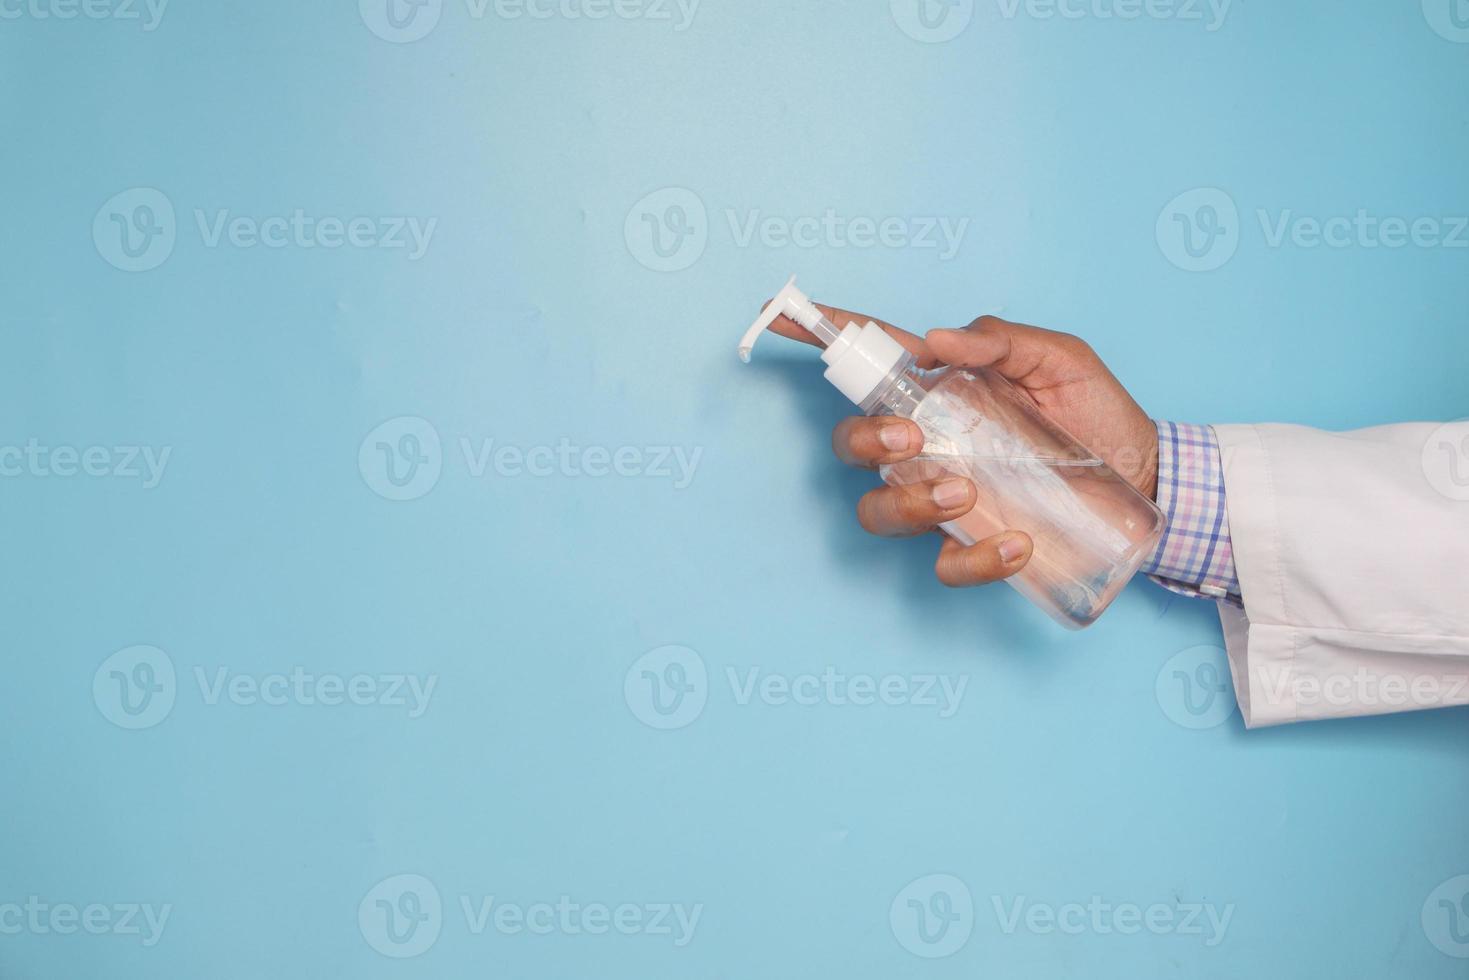 läkarens hand som håller desinfektionsvätska på blå bakgrund foto